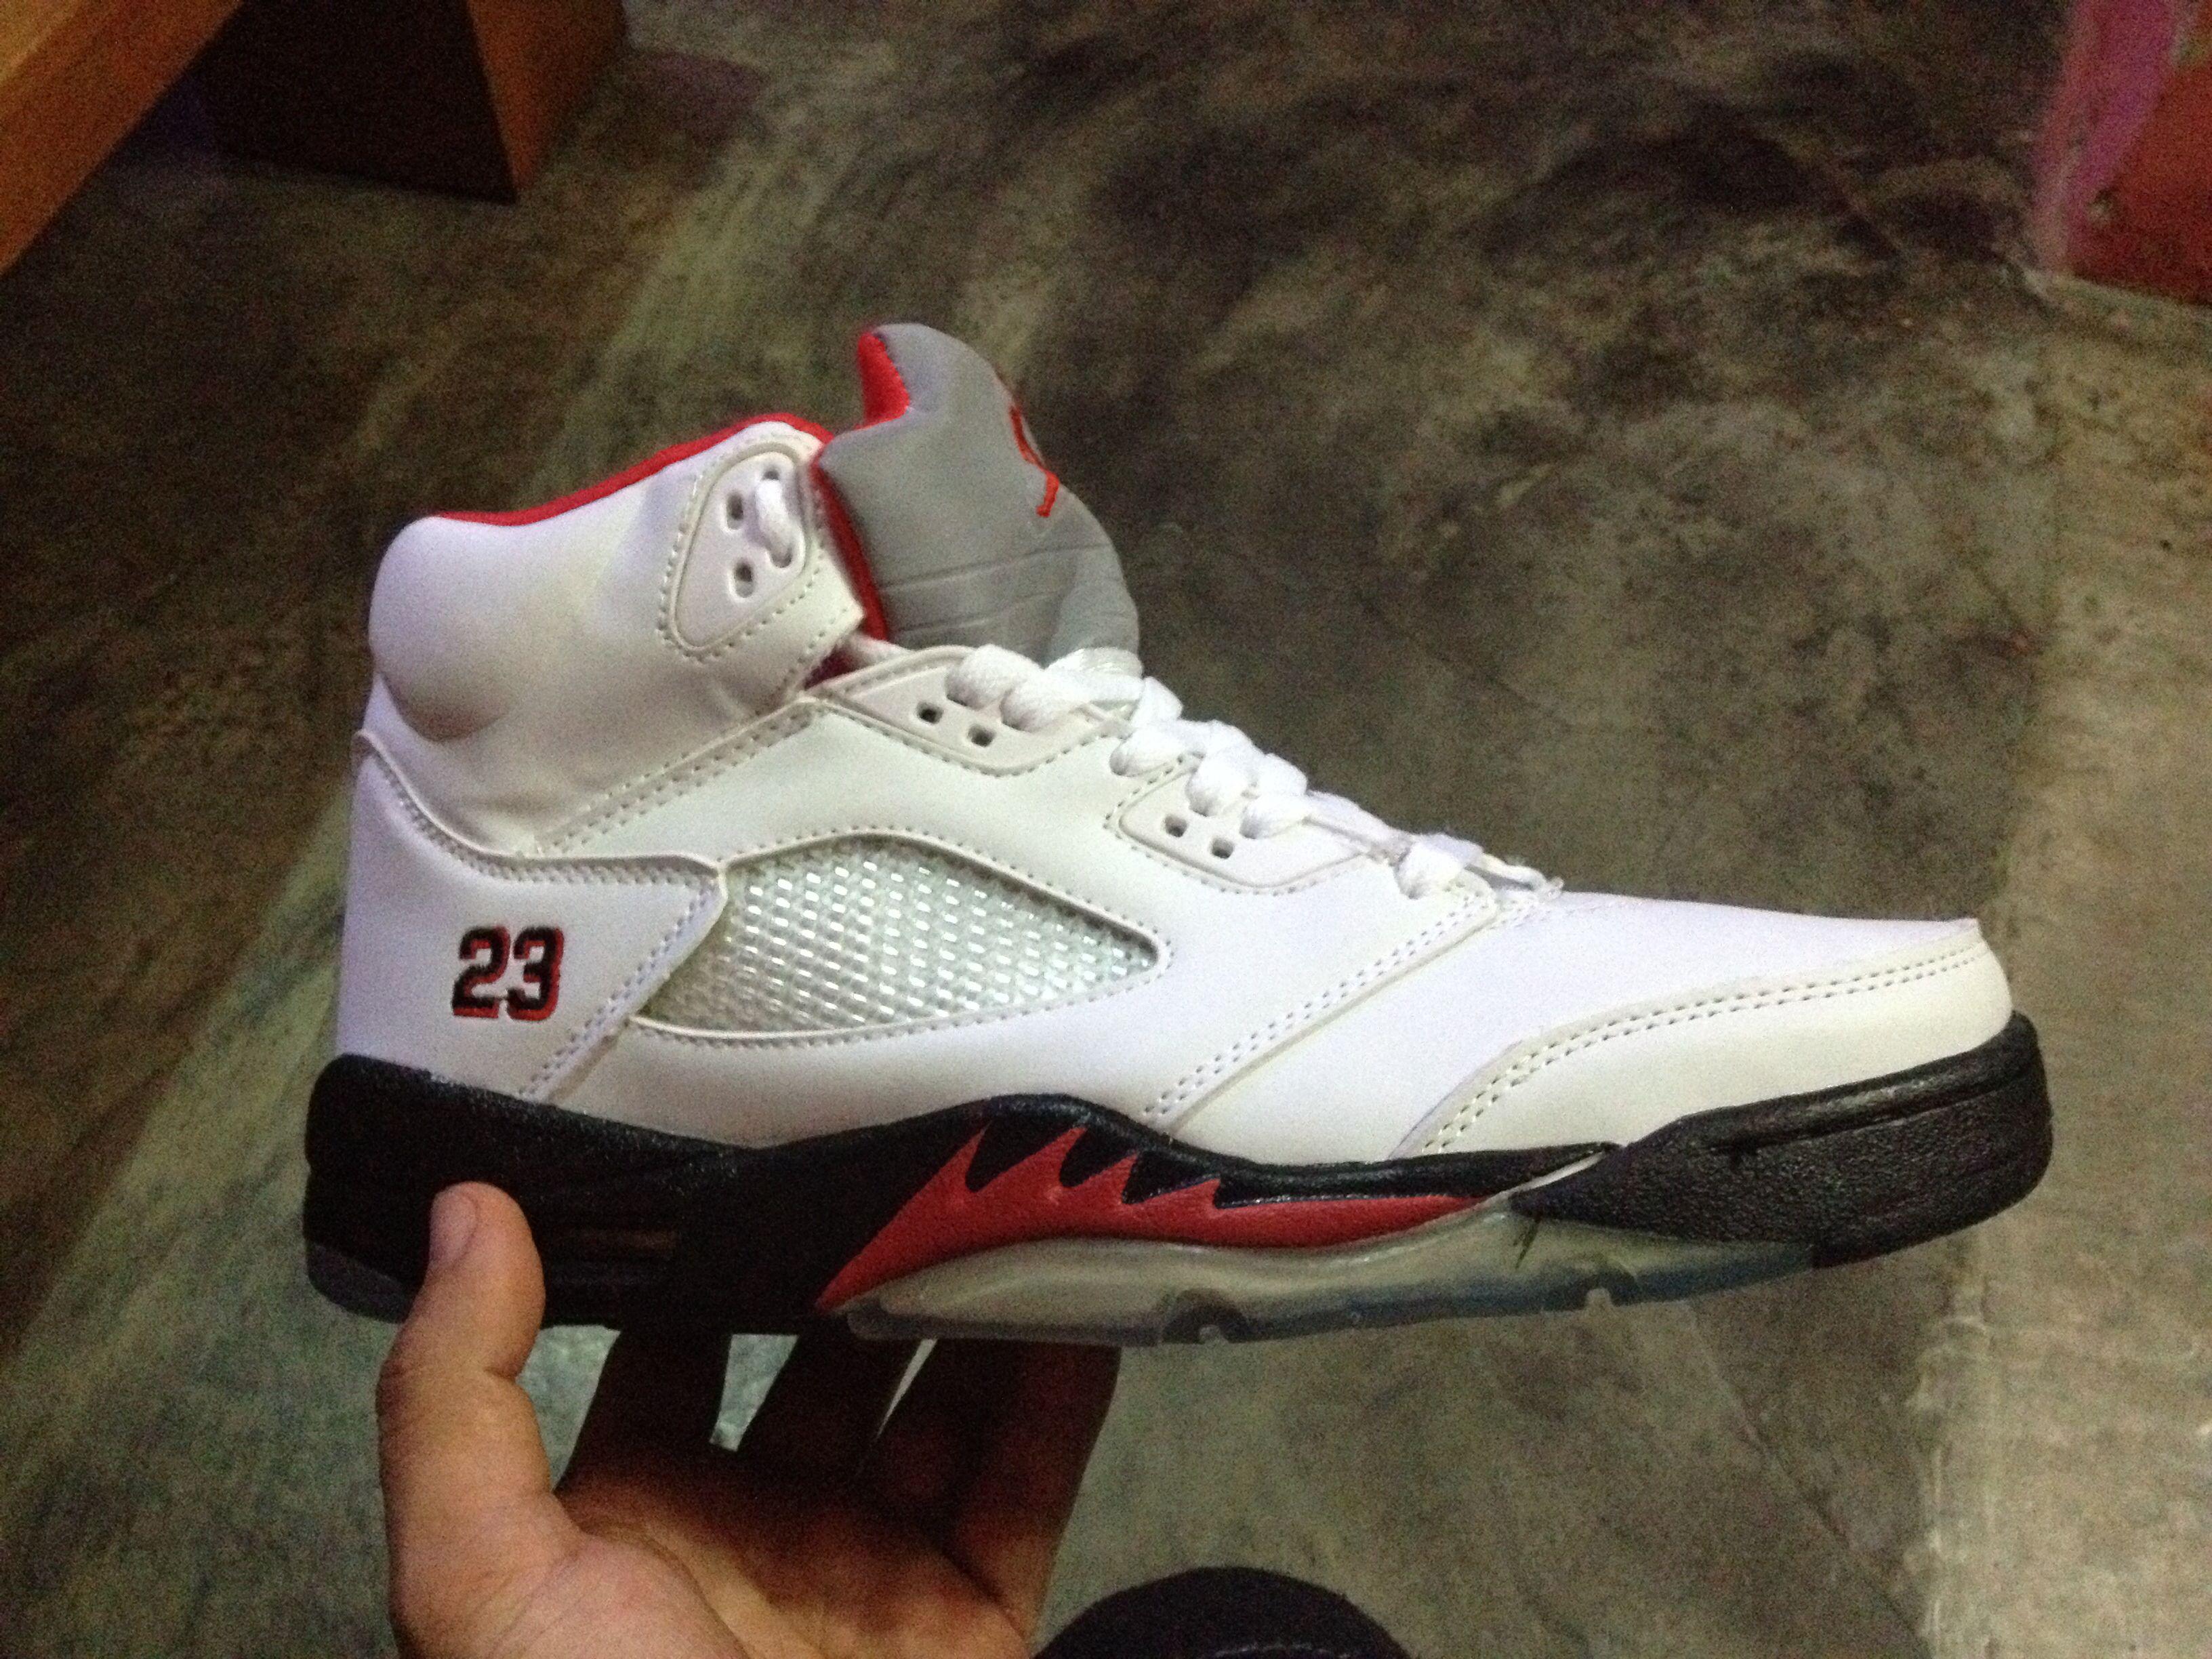 Jordan retro 5.